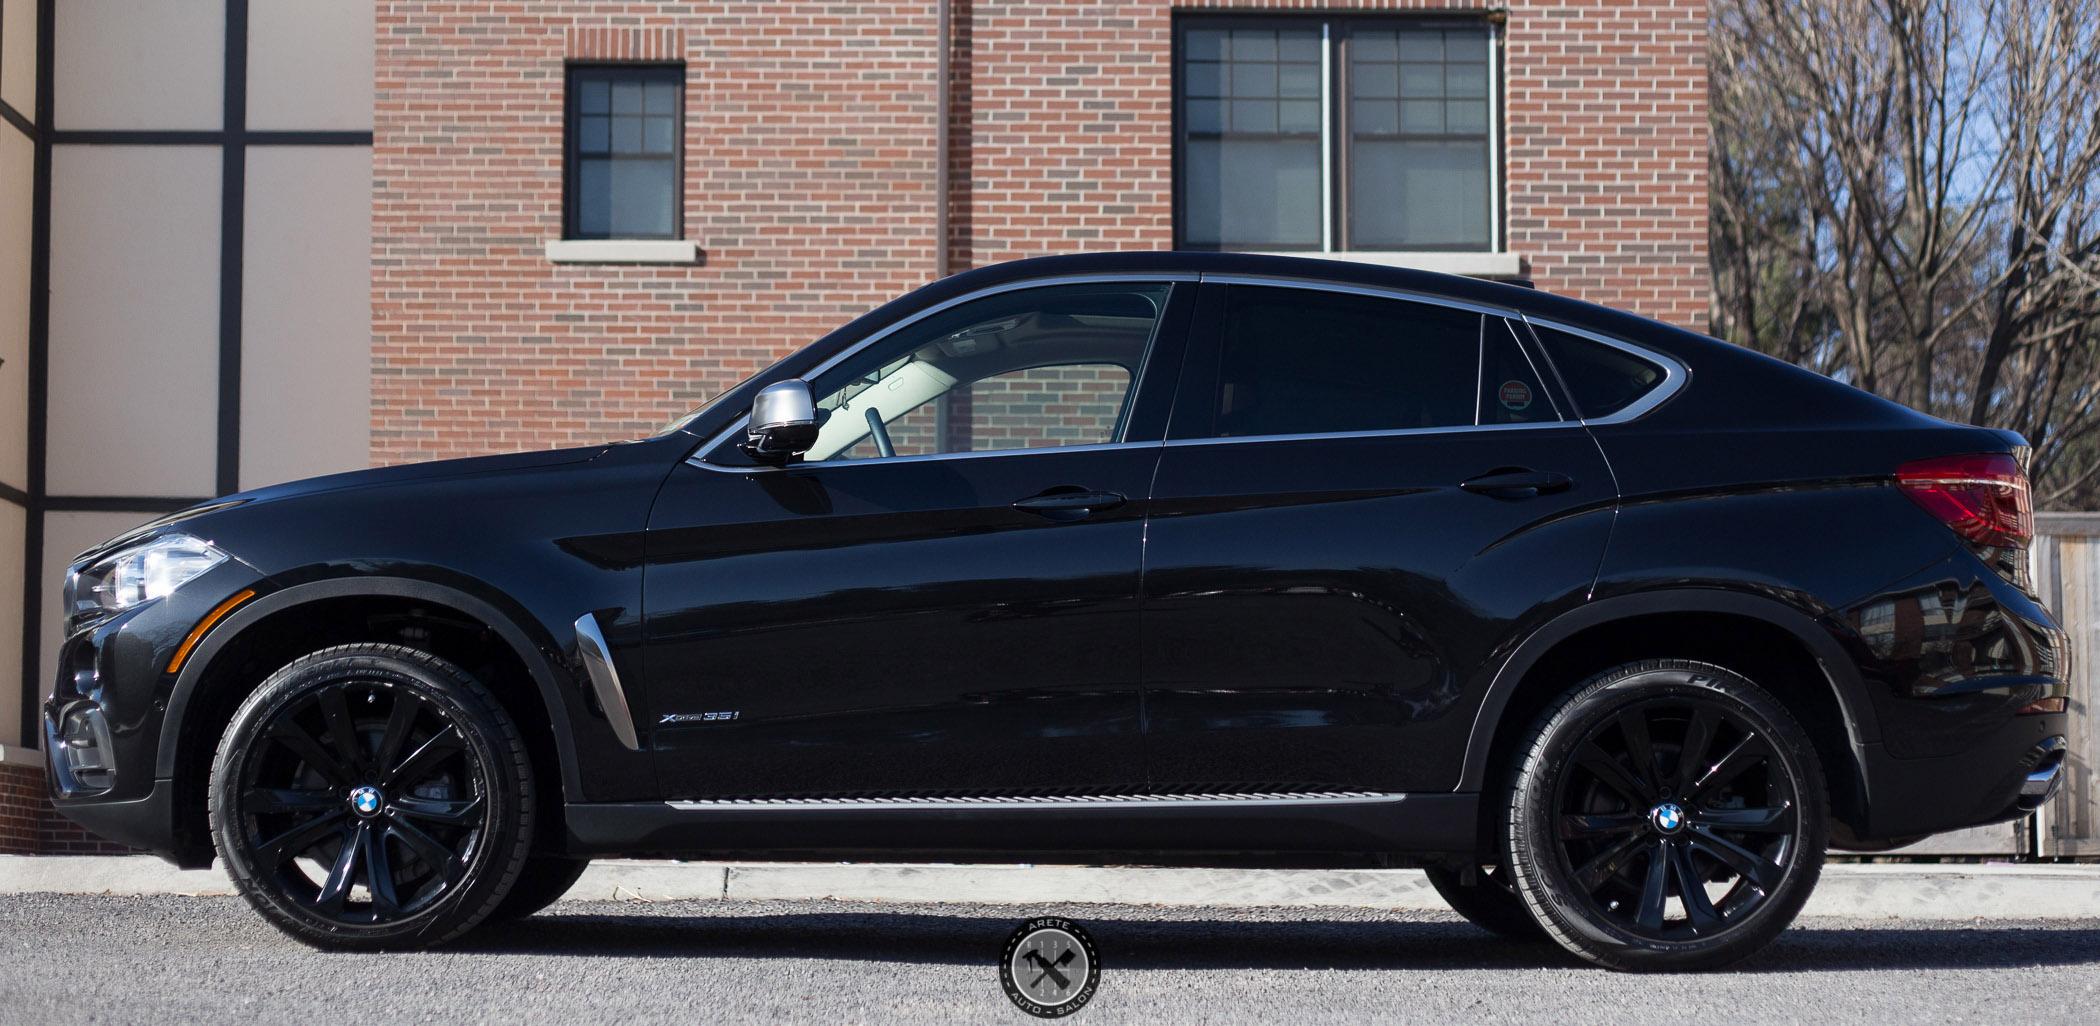 Bmw X6 Cquartz Coatings Areté Auto Salon Fine Auto Detailing In Rochester Ny